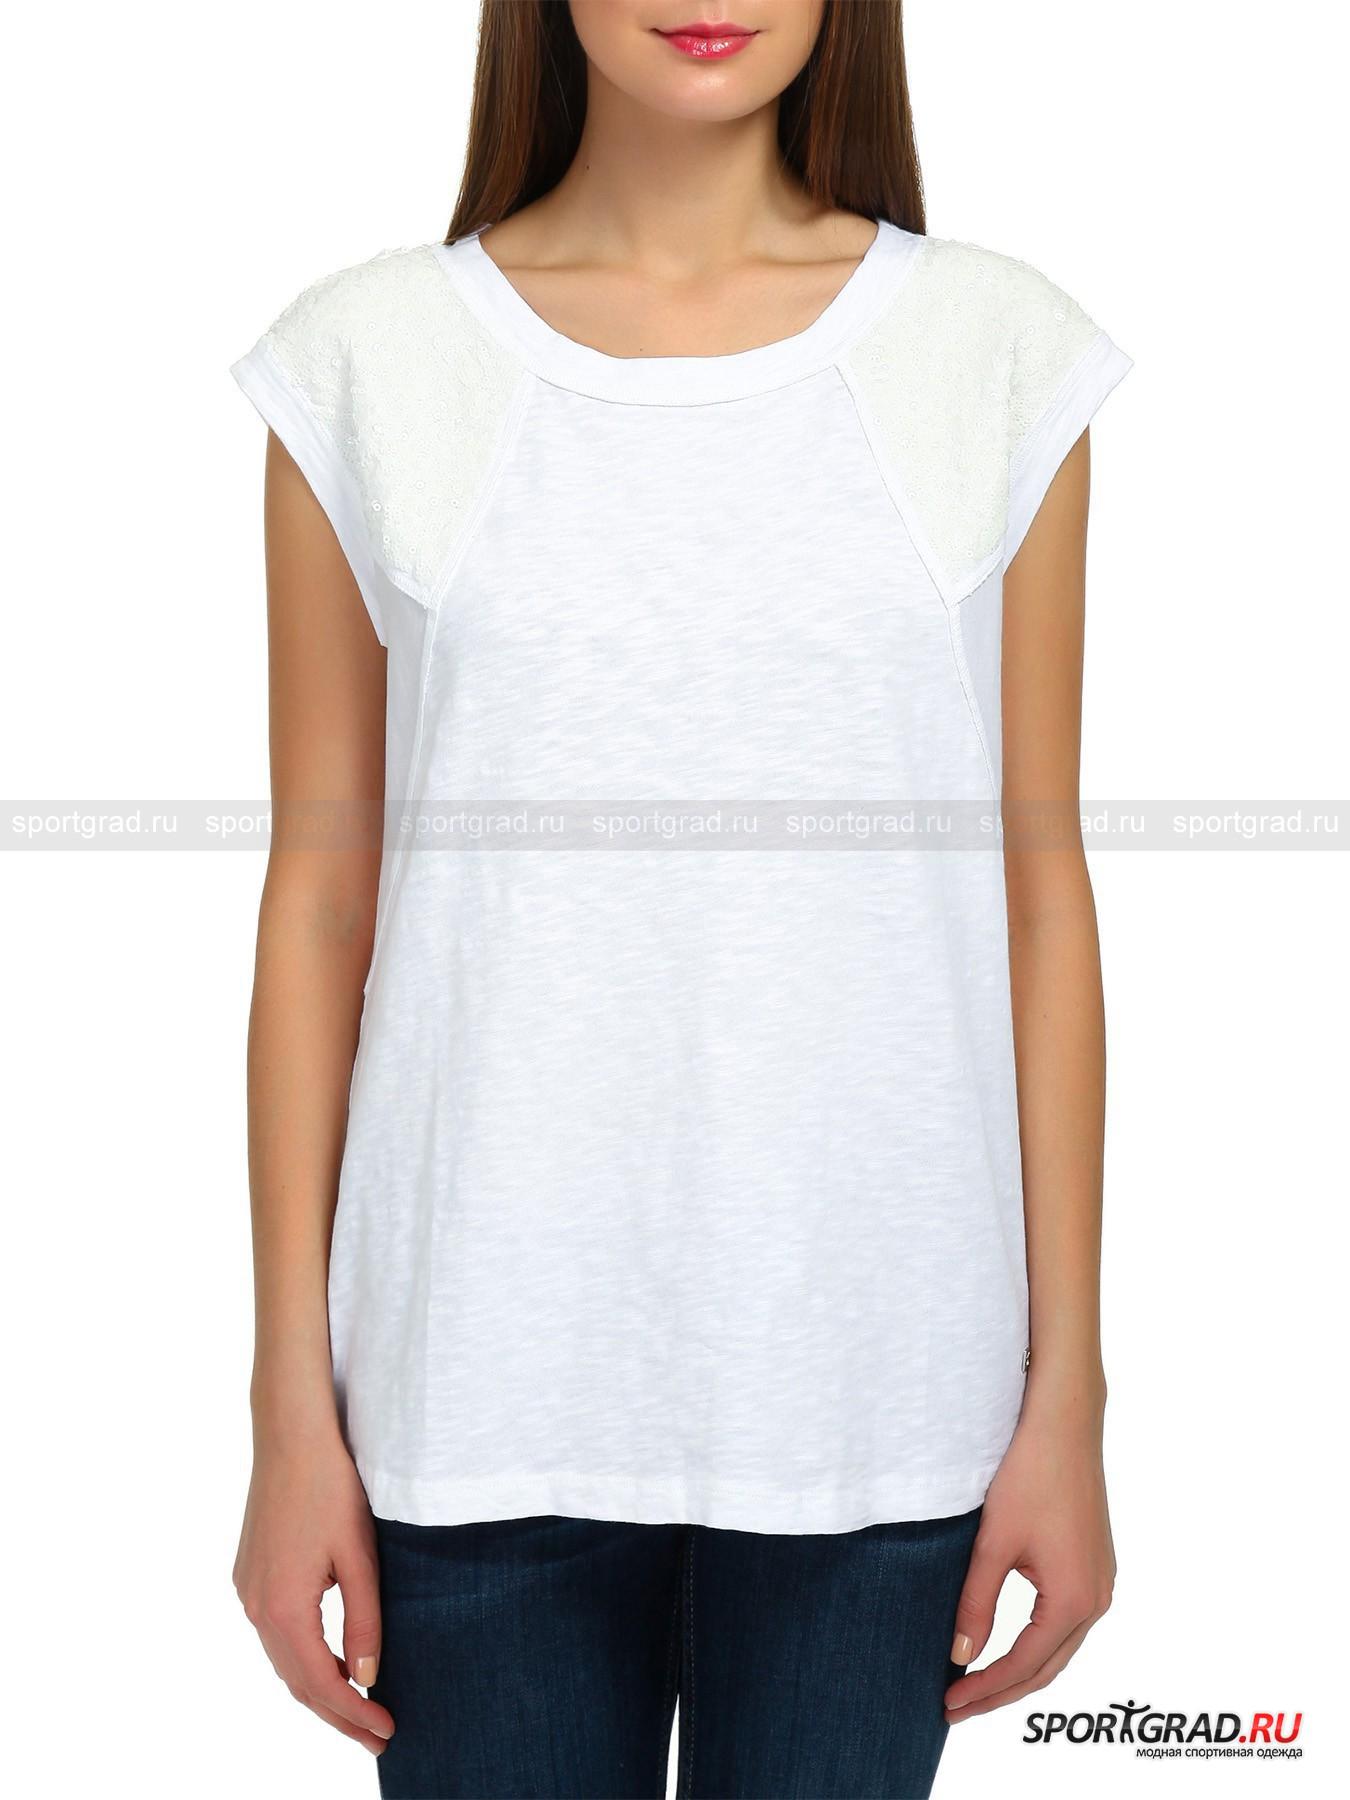 Футболка женская WOVEN MIX BOGNER JEANSФутболки<br>Женская футболка без рукавов WOVEN MIX в превосходном гламурном исполнении BOGNER JEANS - это выбор самых оригинальных модниц. Для её создания использовалось два вида мягких хлопковых тканей, и большое количество пайеток молочного цвета. Модель имеет сложный, довольно свободный крой, вывернутые наизнанку швы и украшена небольшой металлической эмблемой BOGNER JENS снизу.<br><br>Пол: Женский<br>Возраст: Взрослый<br>Тип: Футболки<br>Рекомендации по уходу: Деликатная ручная стирка при температуре 30 градусов, щадящий ручной отжим, гладить при температуре до 120 градусов.<br>Состав: 100% хлопок